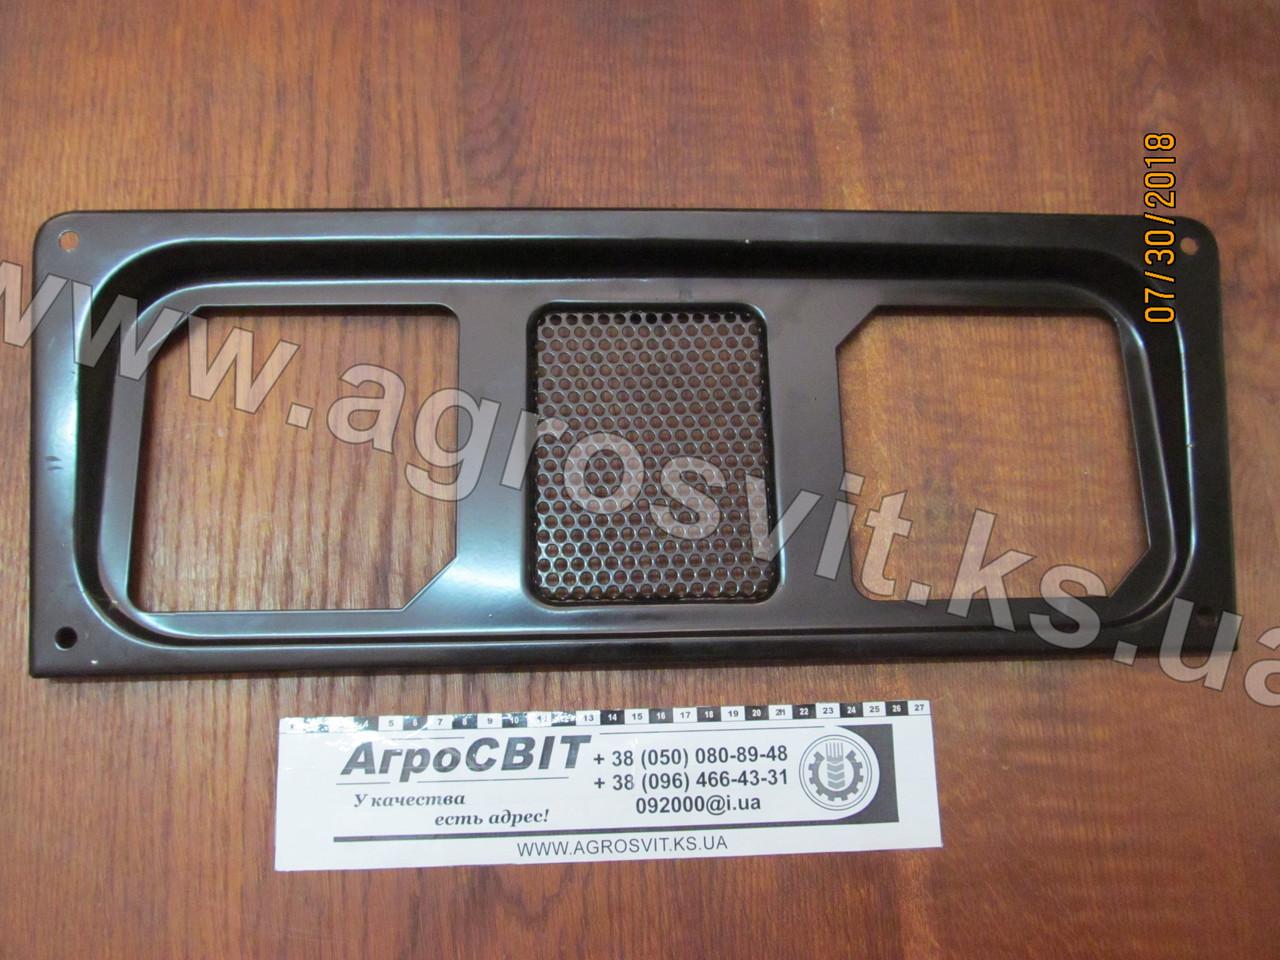 Решетка капота МТЗ-900-1221 (нижняя) под квадратные фары; 90-8401020